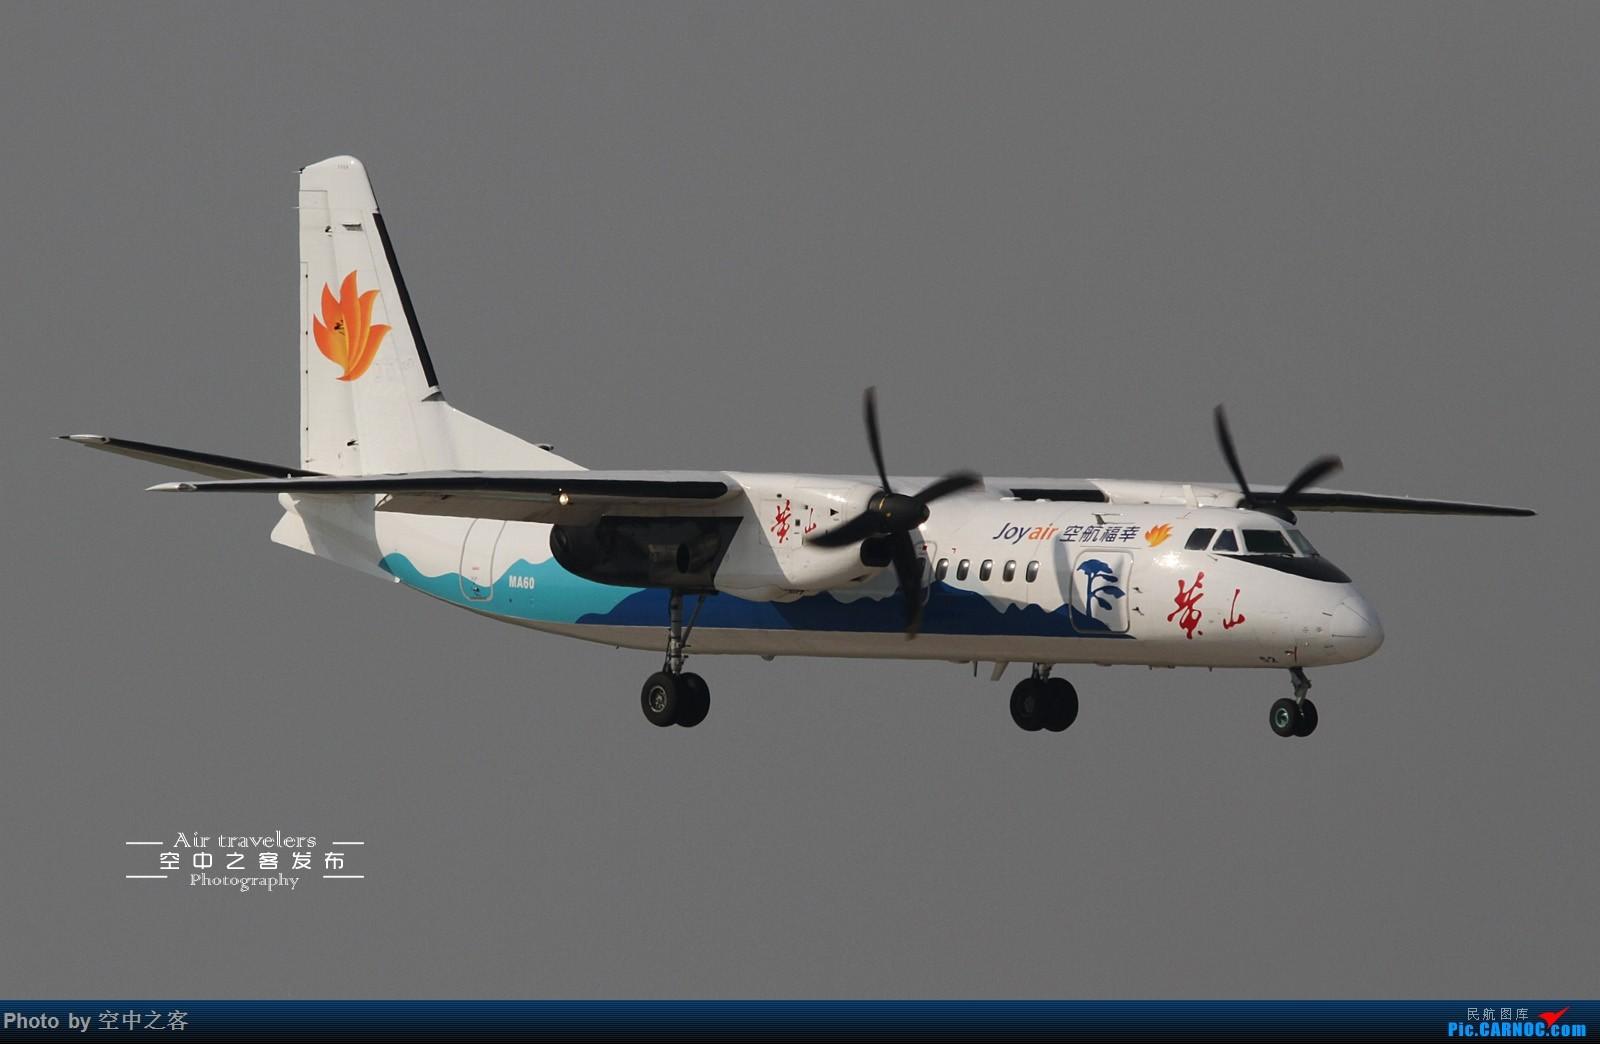 """[原创][合肥飞友会·霸都打机队]空中之客发布 终于在小伙伴们的帮助下拍到幸福航空""""黄山号"""" XIAN AIRCRAFT MA 60 B-3452 合肥新桥国际机场"""